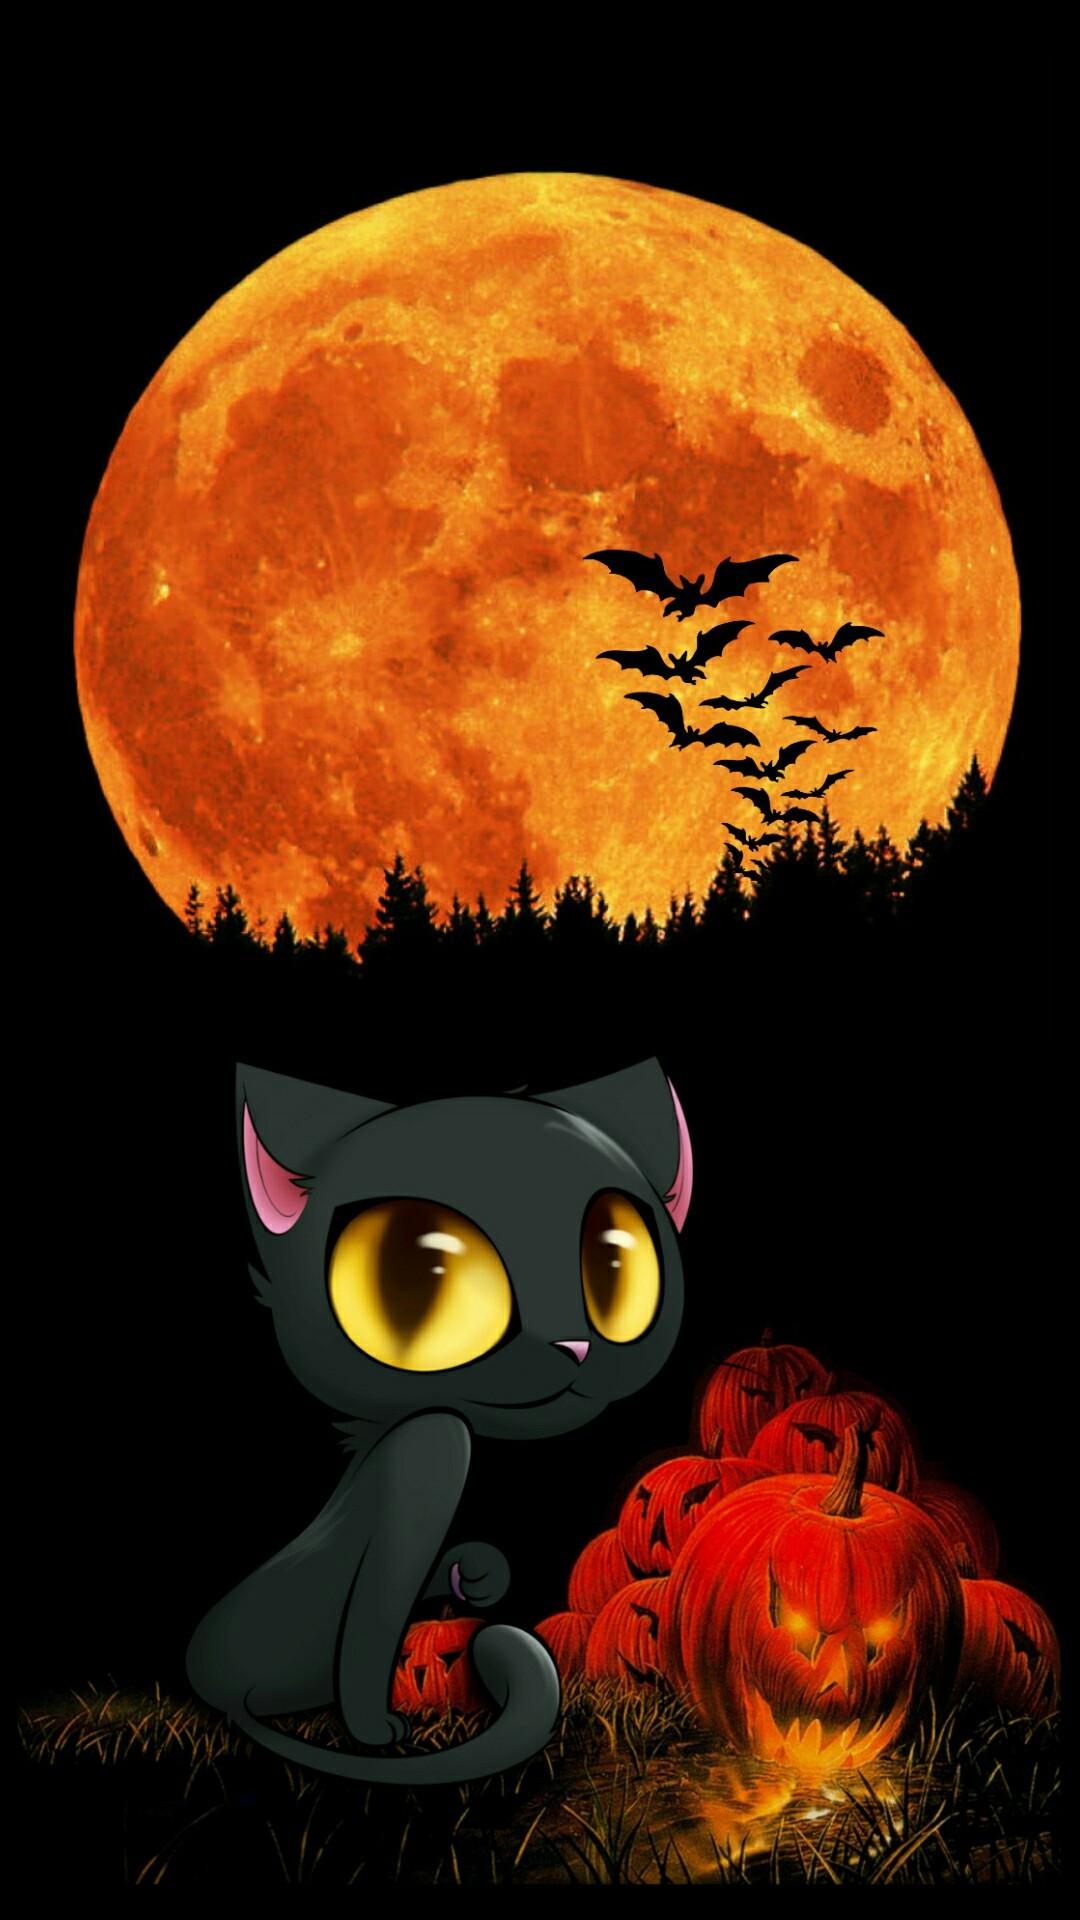 black cat halloween wallpaper  51  images